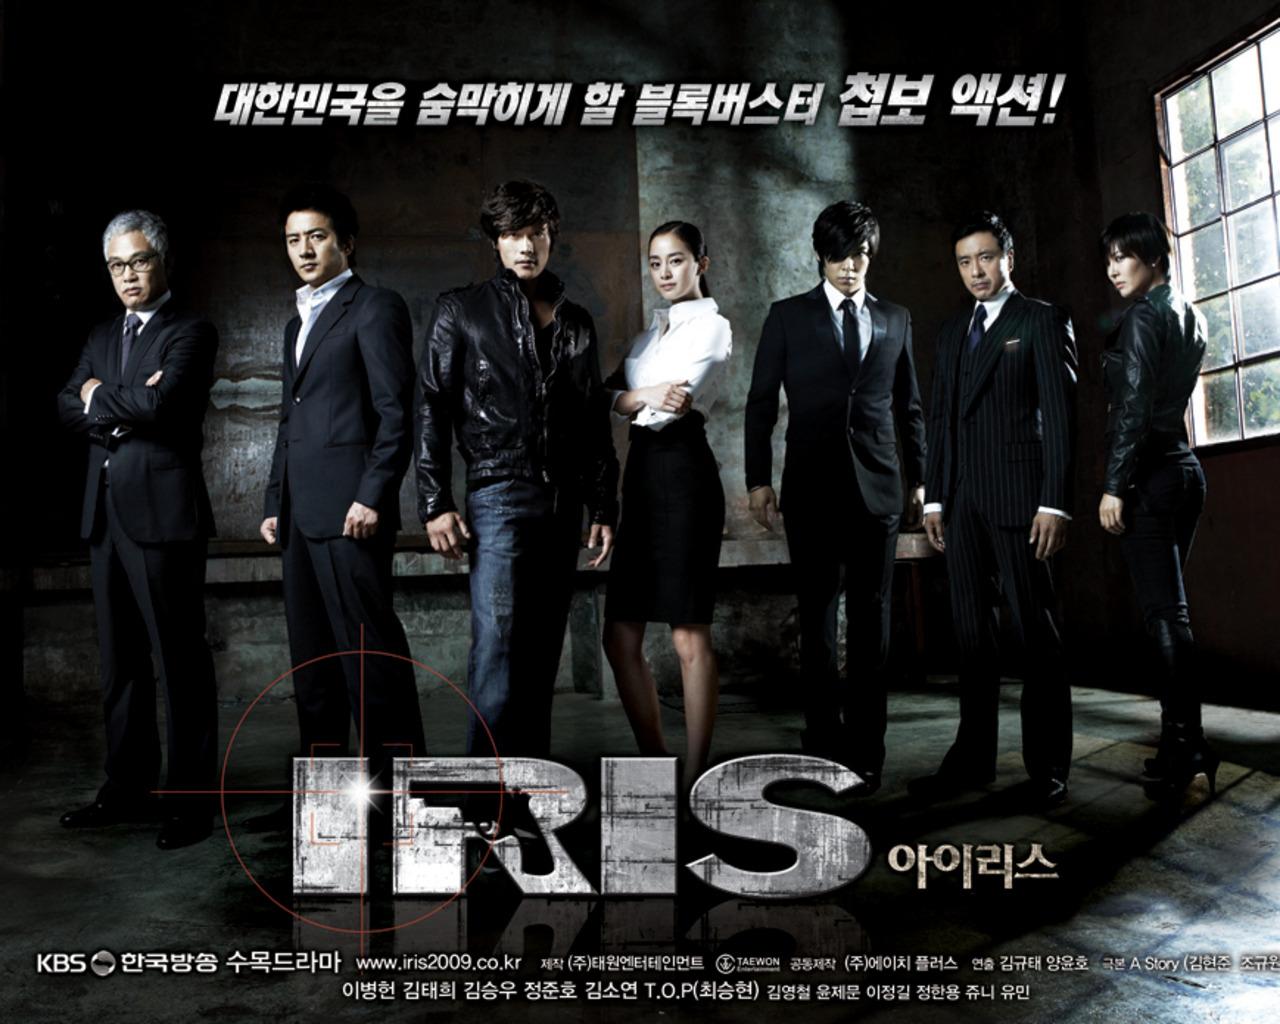 [韓劇] 아이리스 (特務情人IRIS) (2009) Iris_poster03